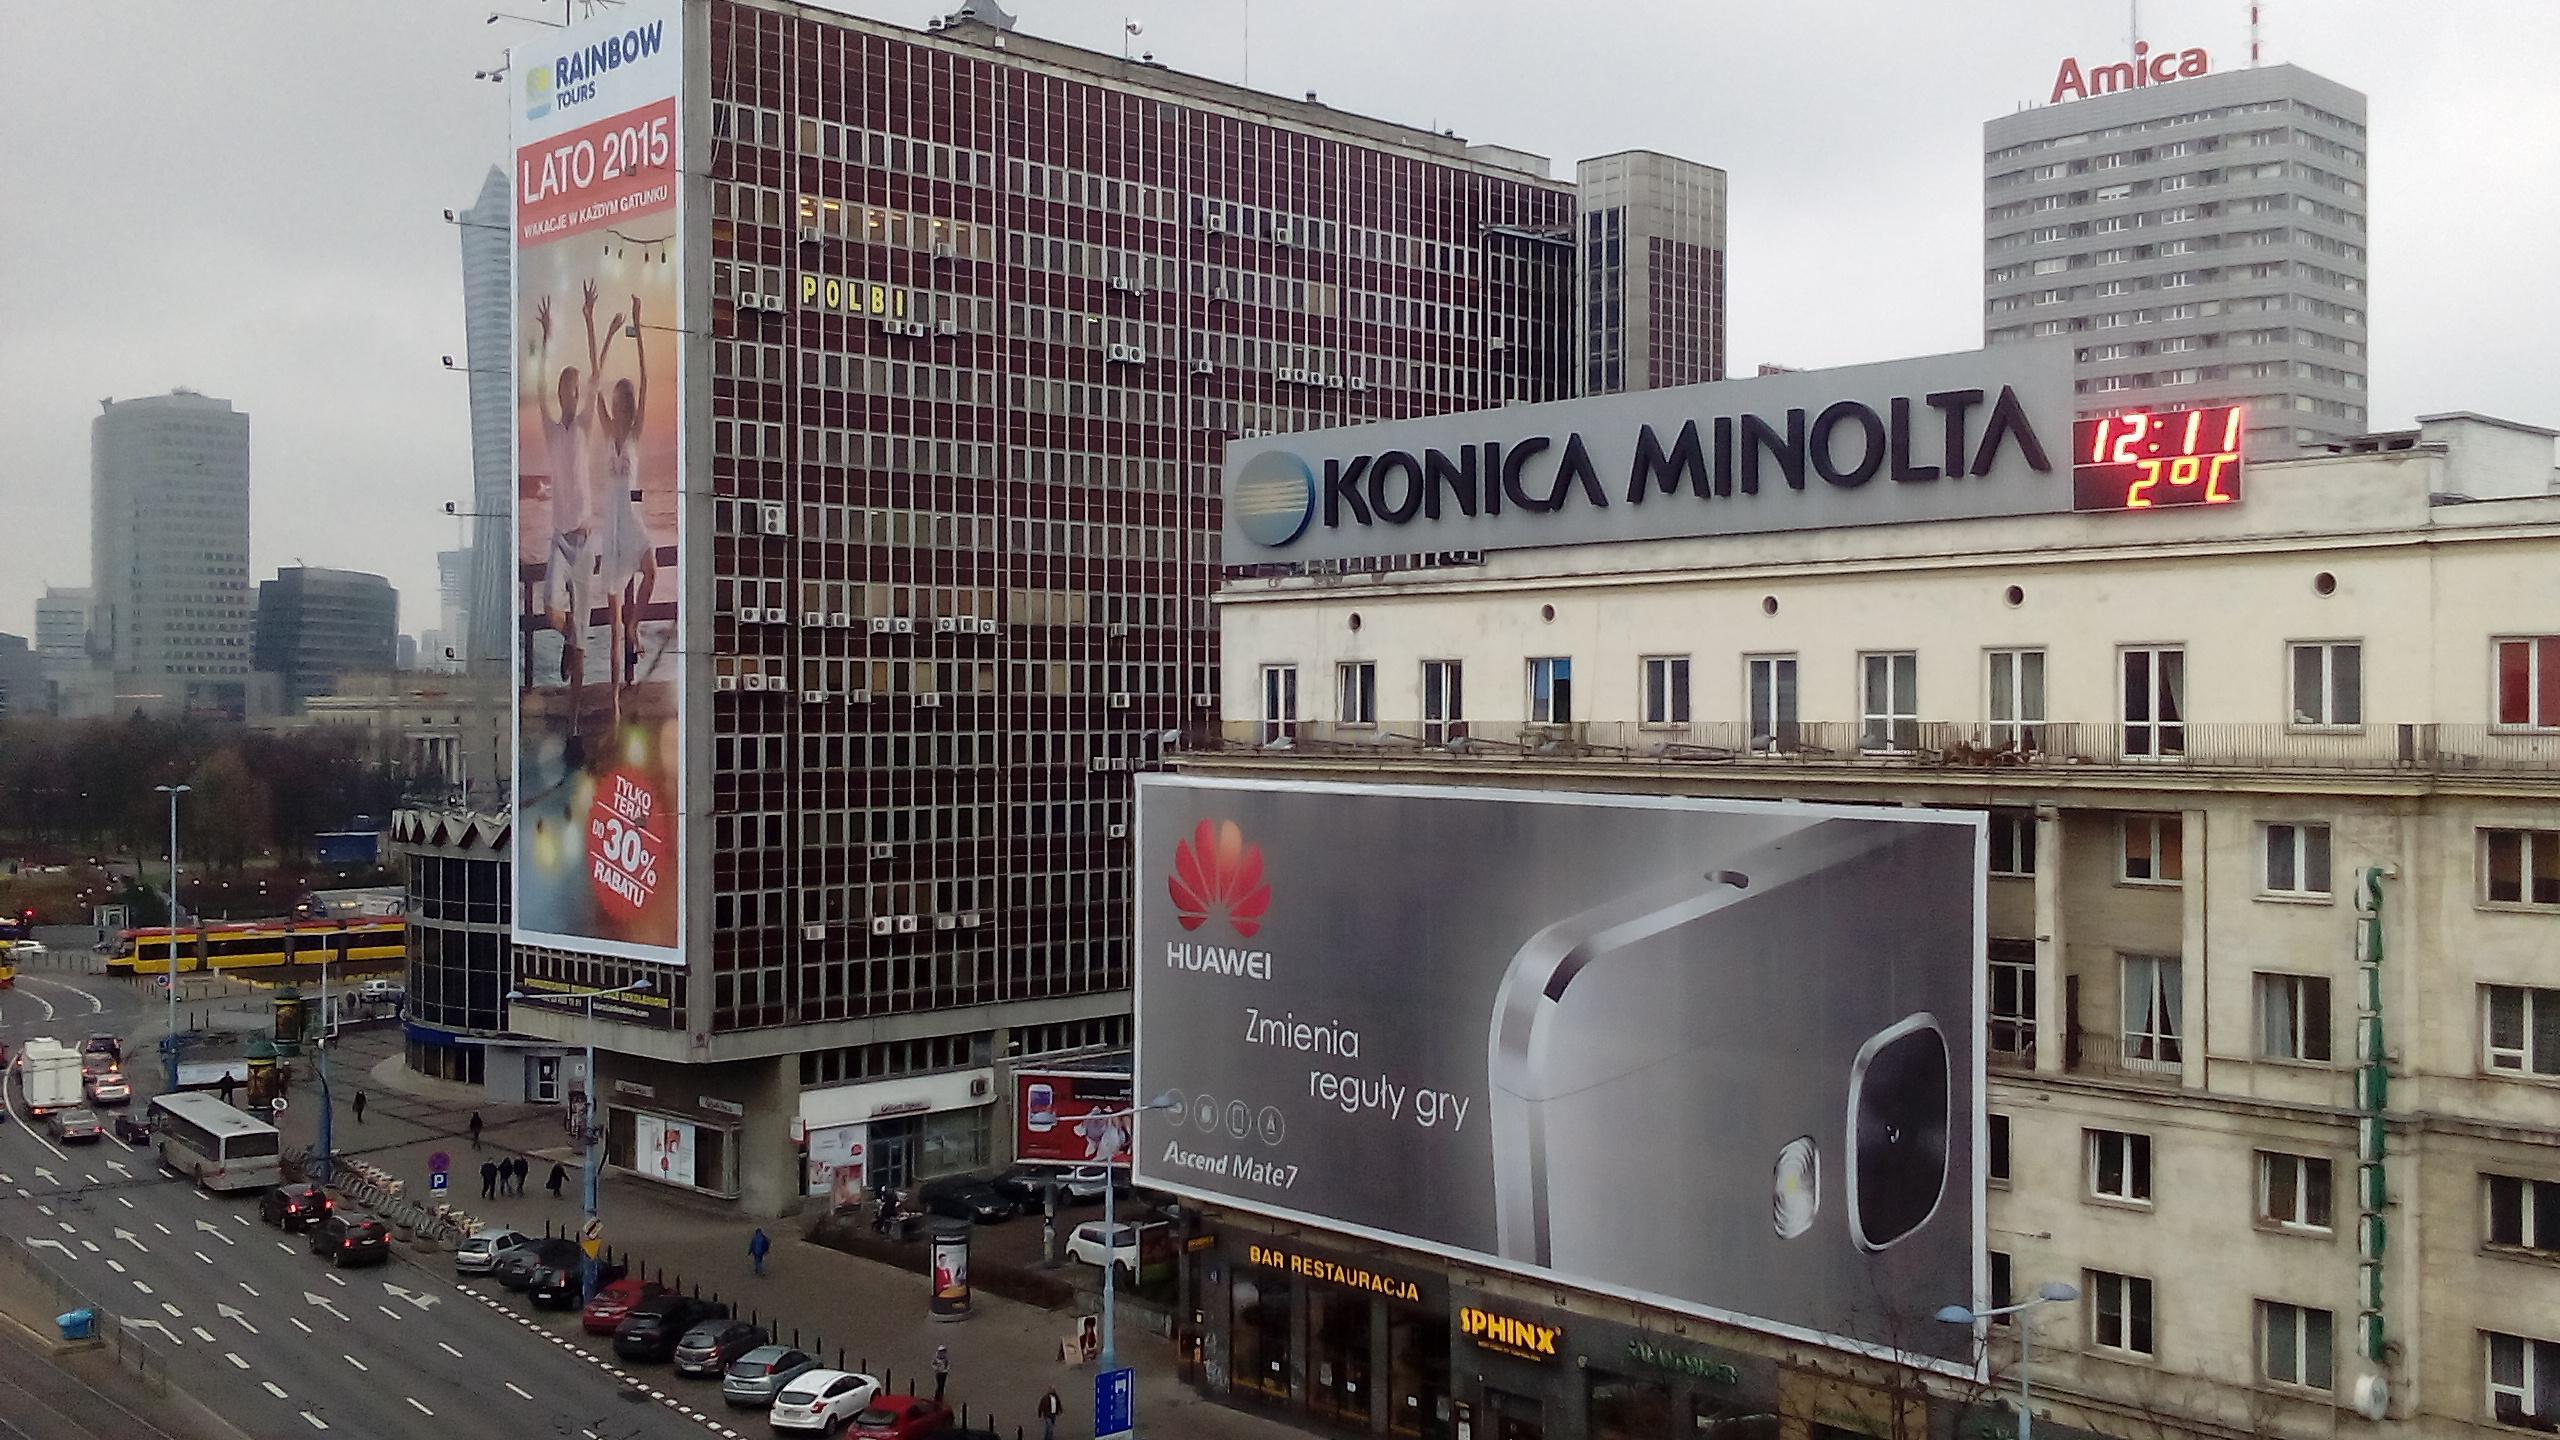 Xperia E4 Camera Samples